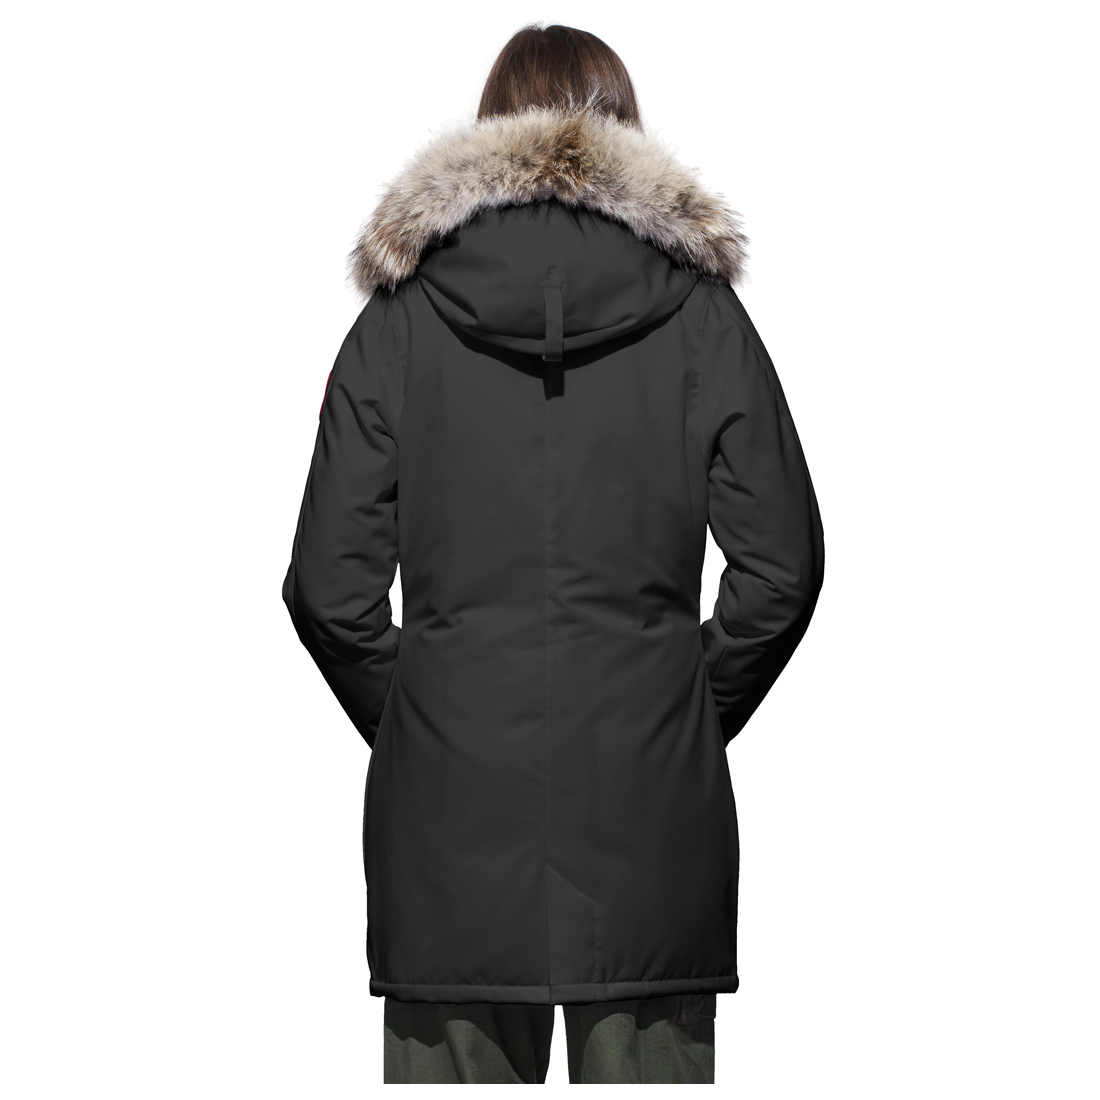 Parka Victoria Ladies Goose Livraison Femme Manteau Canada xw07Uq4